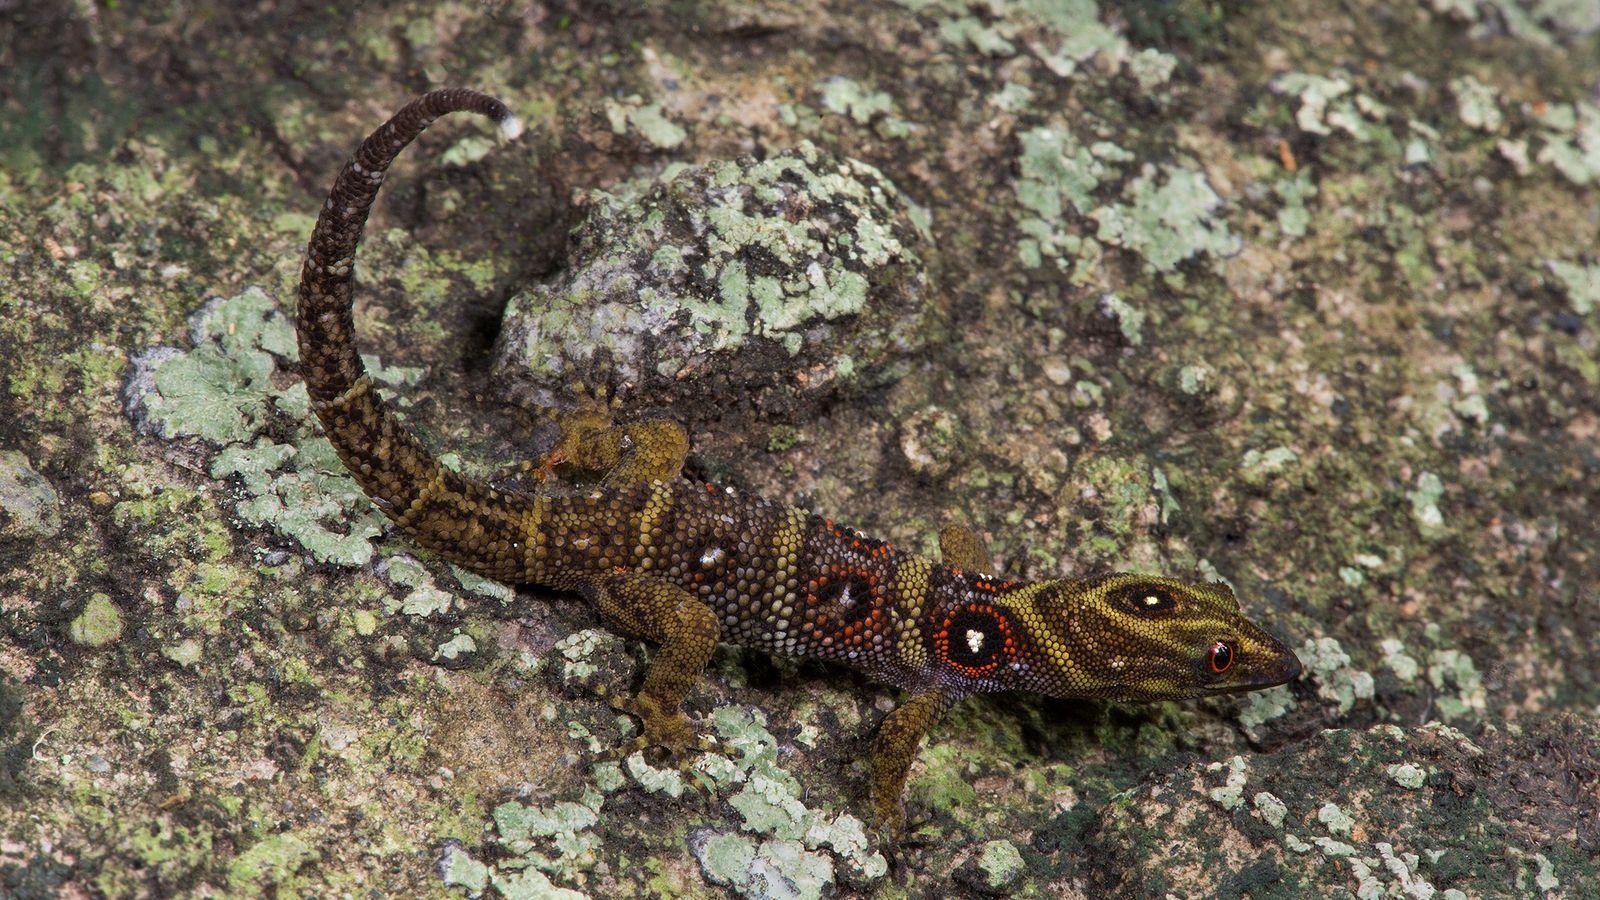 Le gecko de l'île d'Union a été présenté scientifiquement pour la première fois en 2005. Depuis, ...